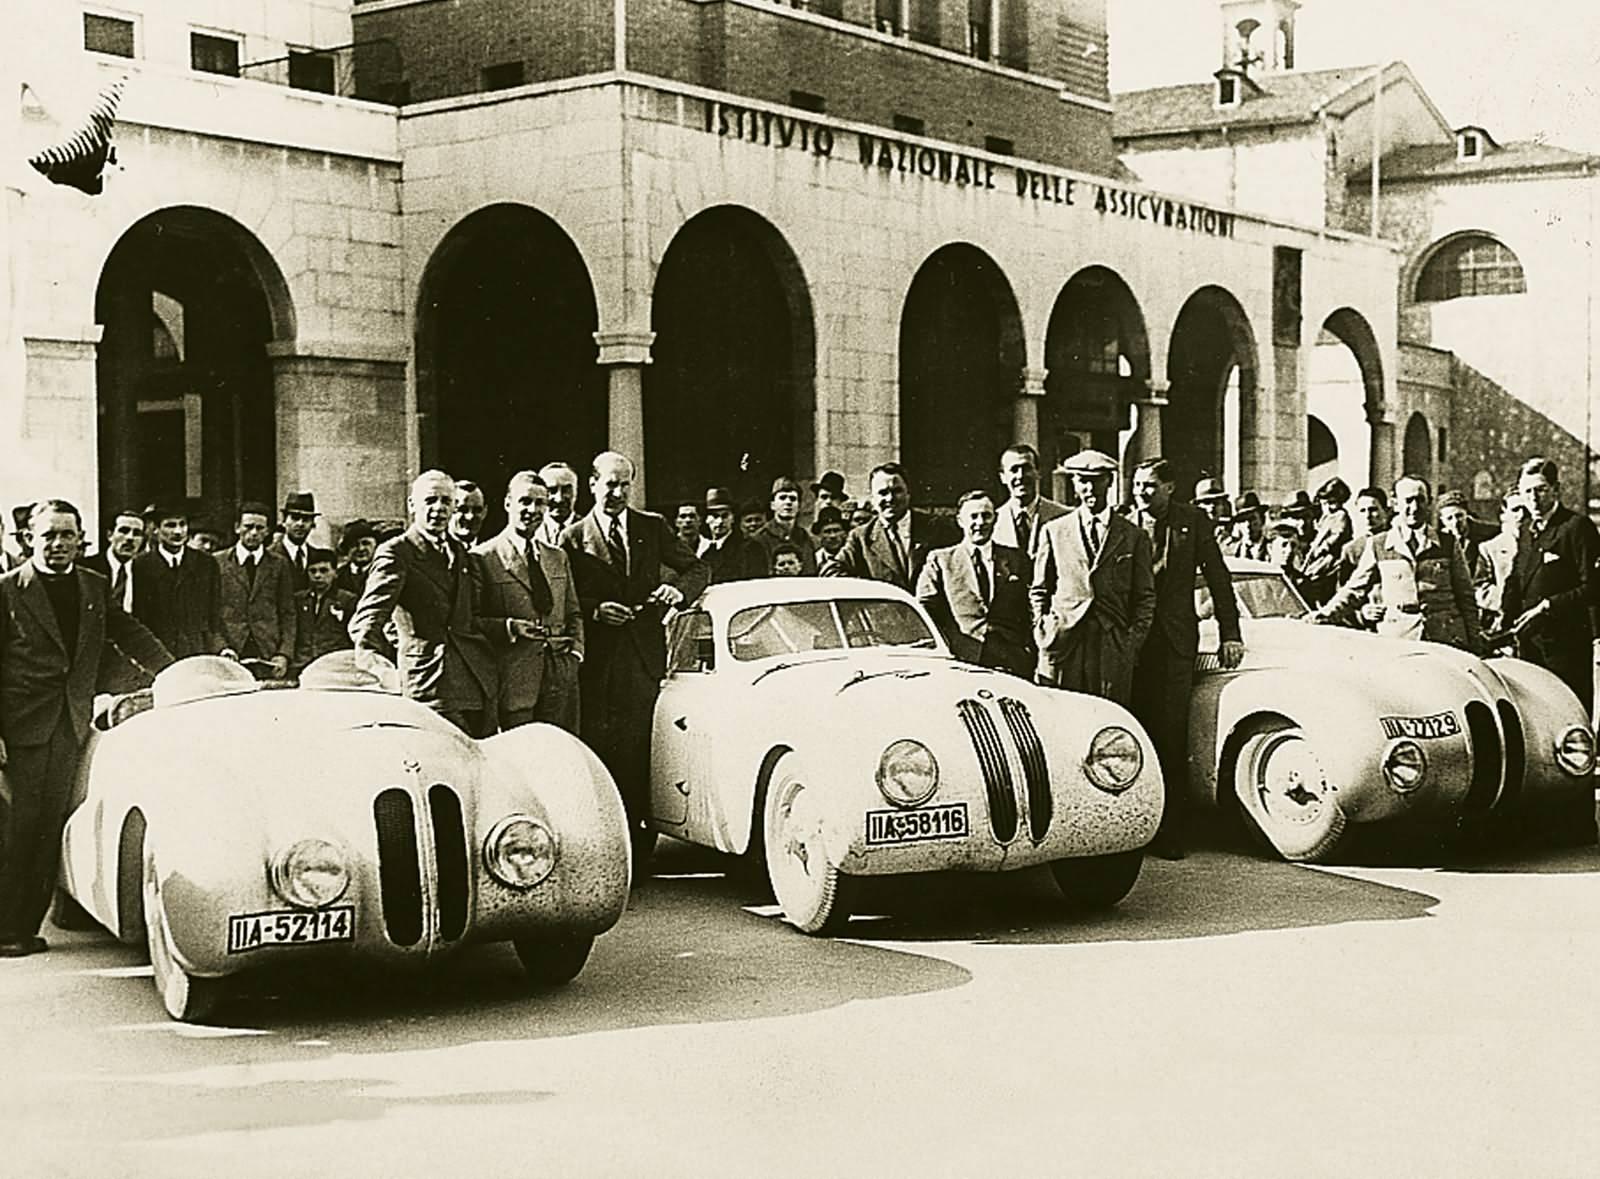 BMW 328 mm - Gesamtsieger bei der Mille Miglia 1940 mit den Plätzen 1, 3, 5 und 6